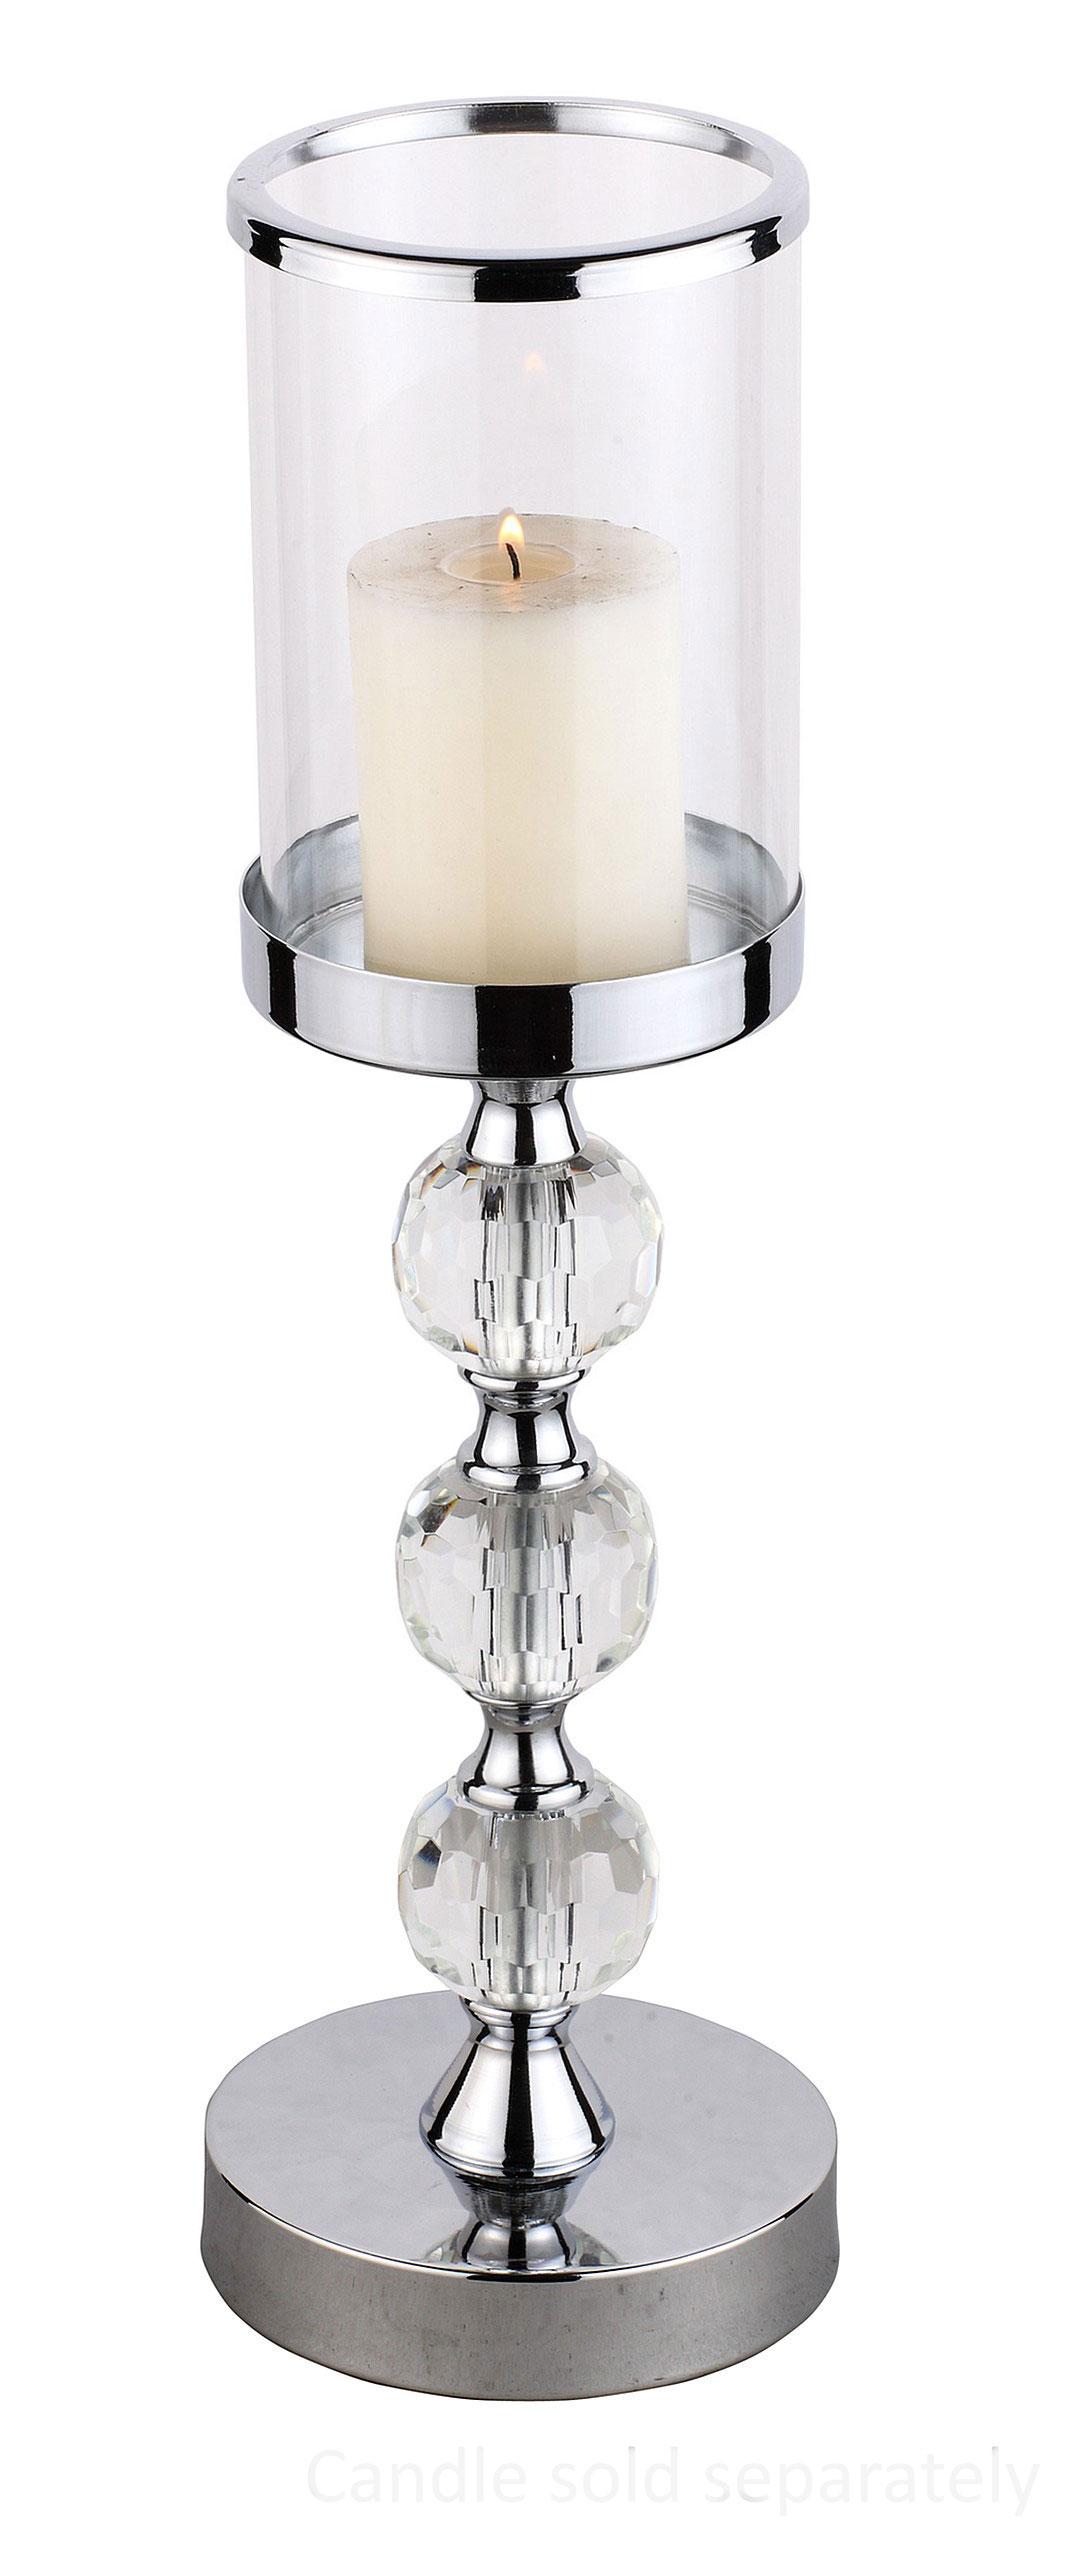 Подсвечник стеклянный Фонарь гламур 3 кристалл . шарики